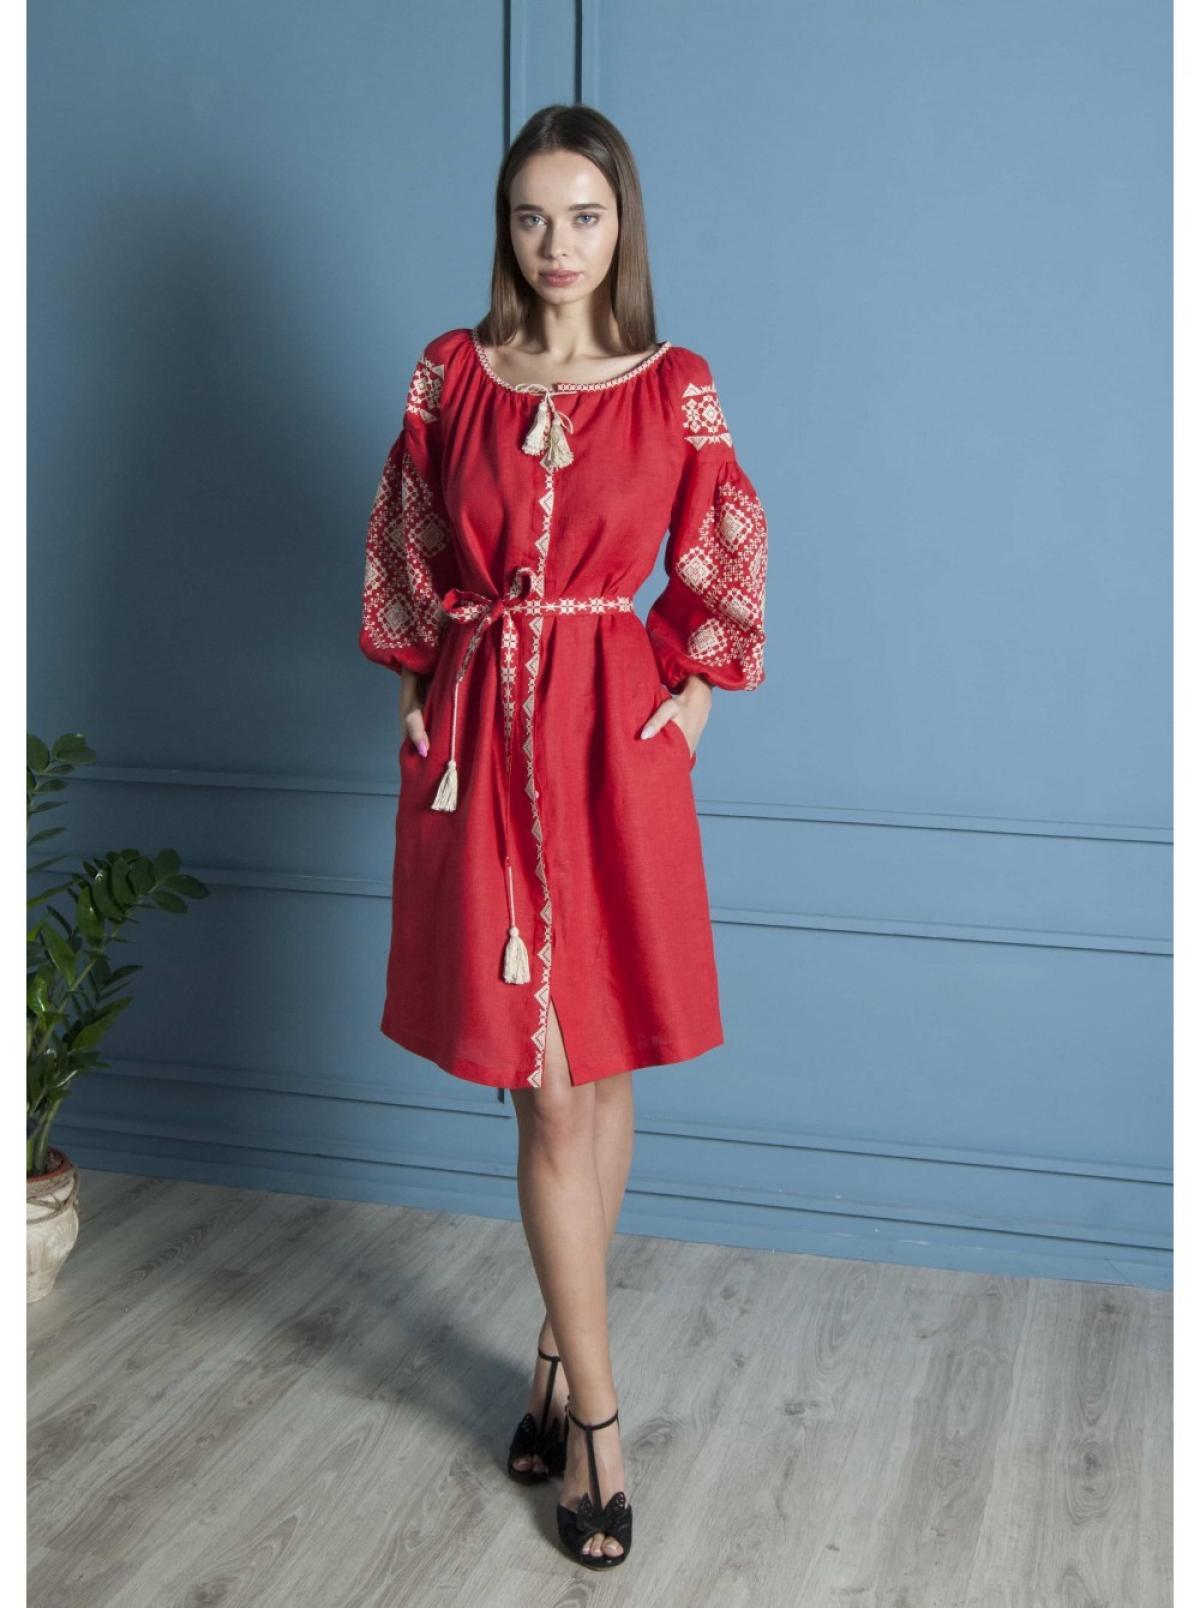 Червона лляна вишита сукня-міді. Фото №2. | Народний дім Україна